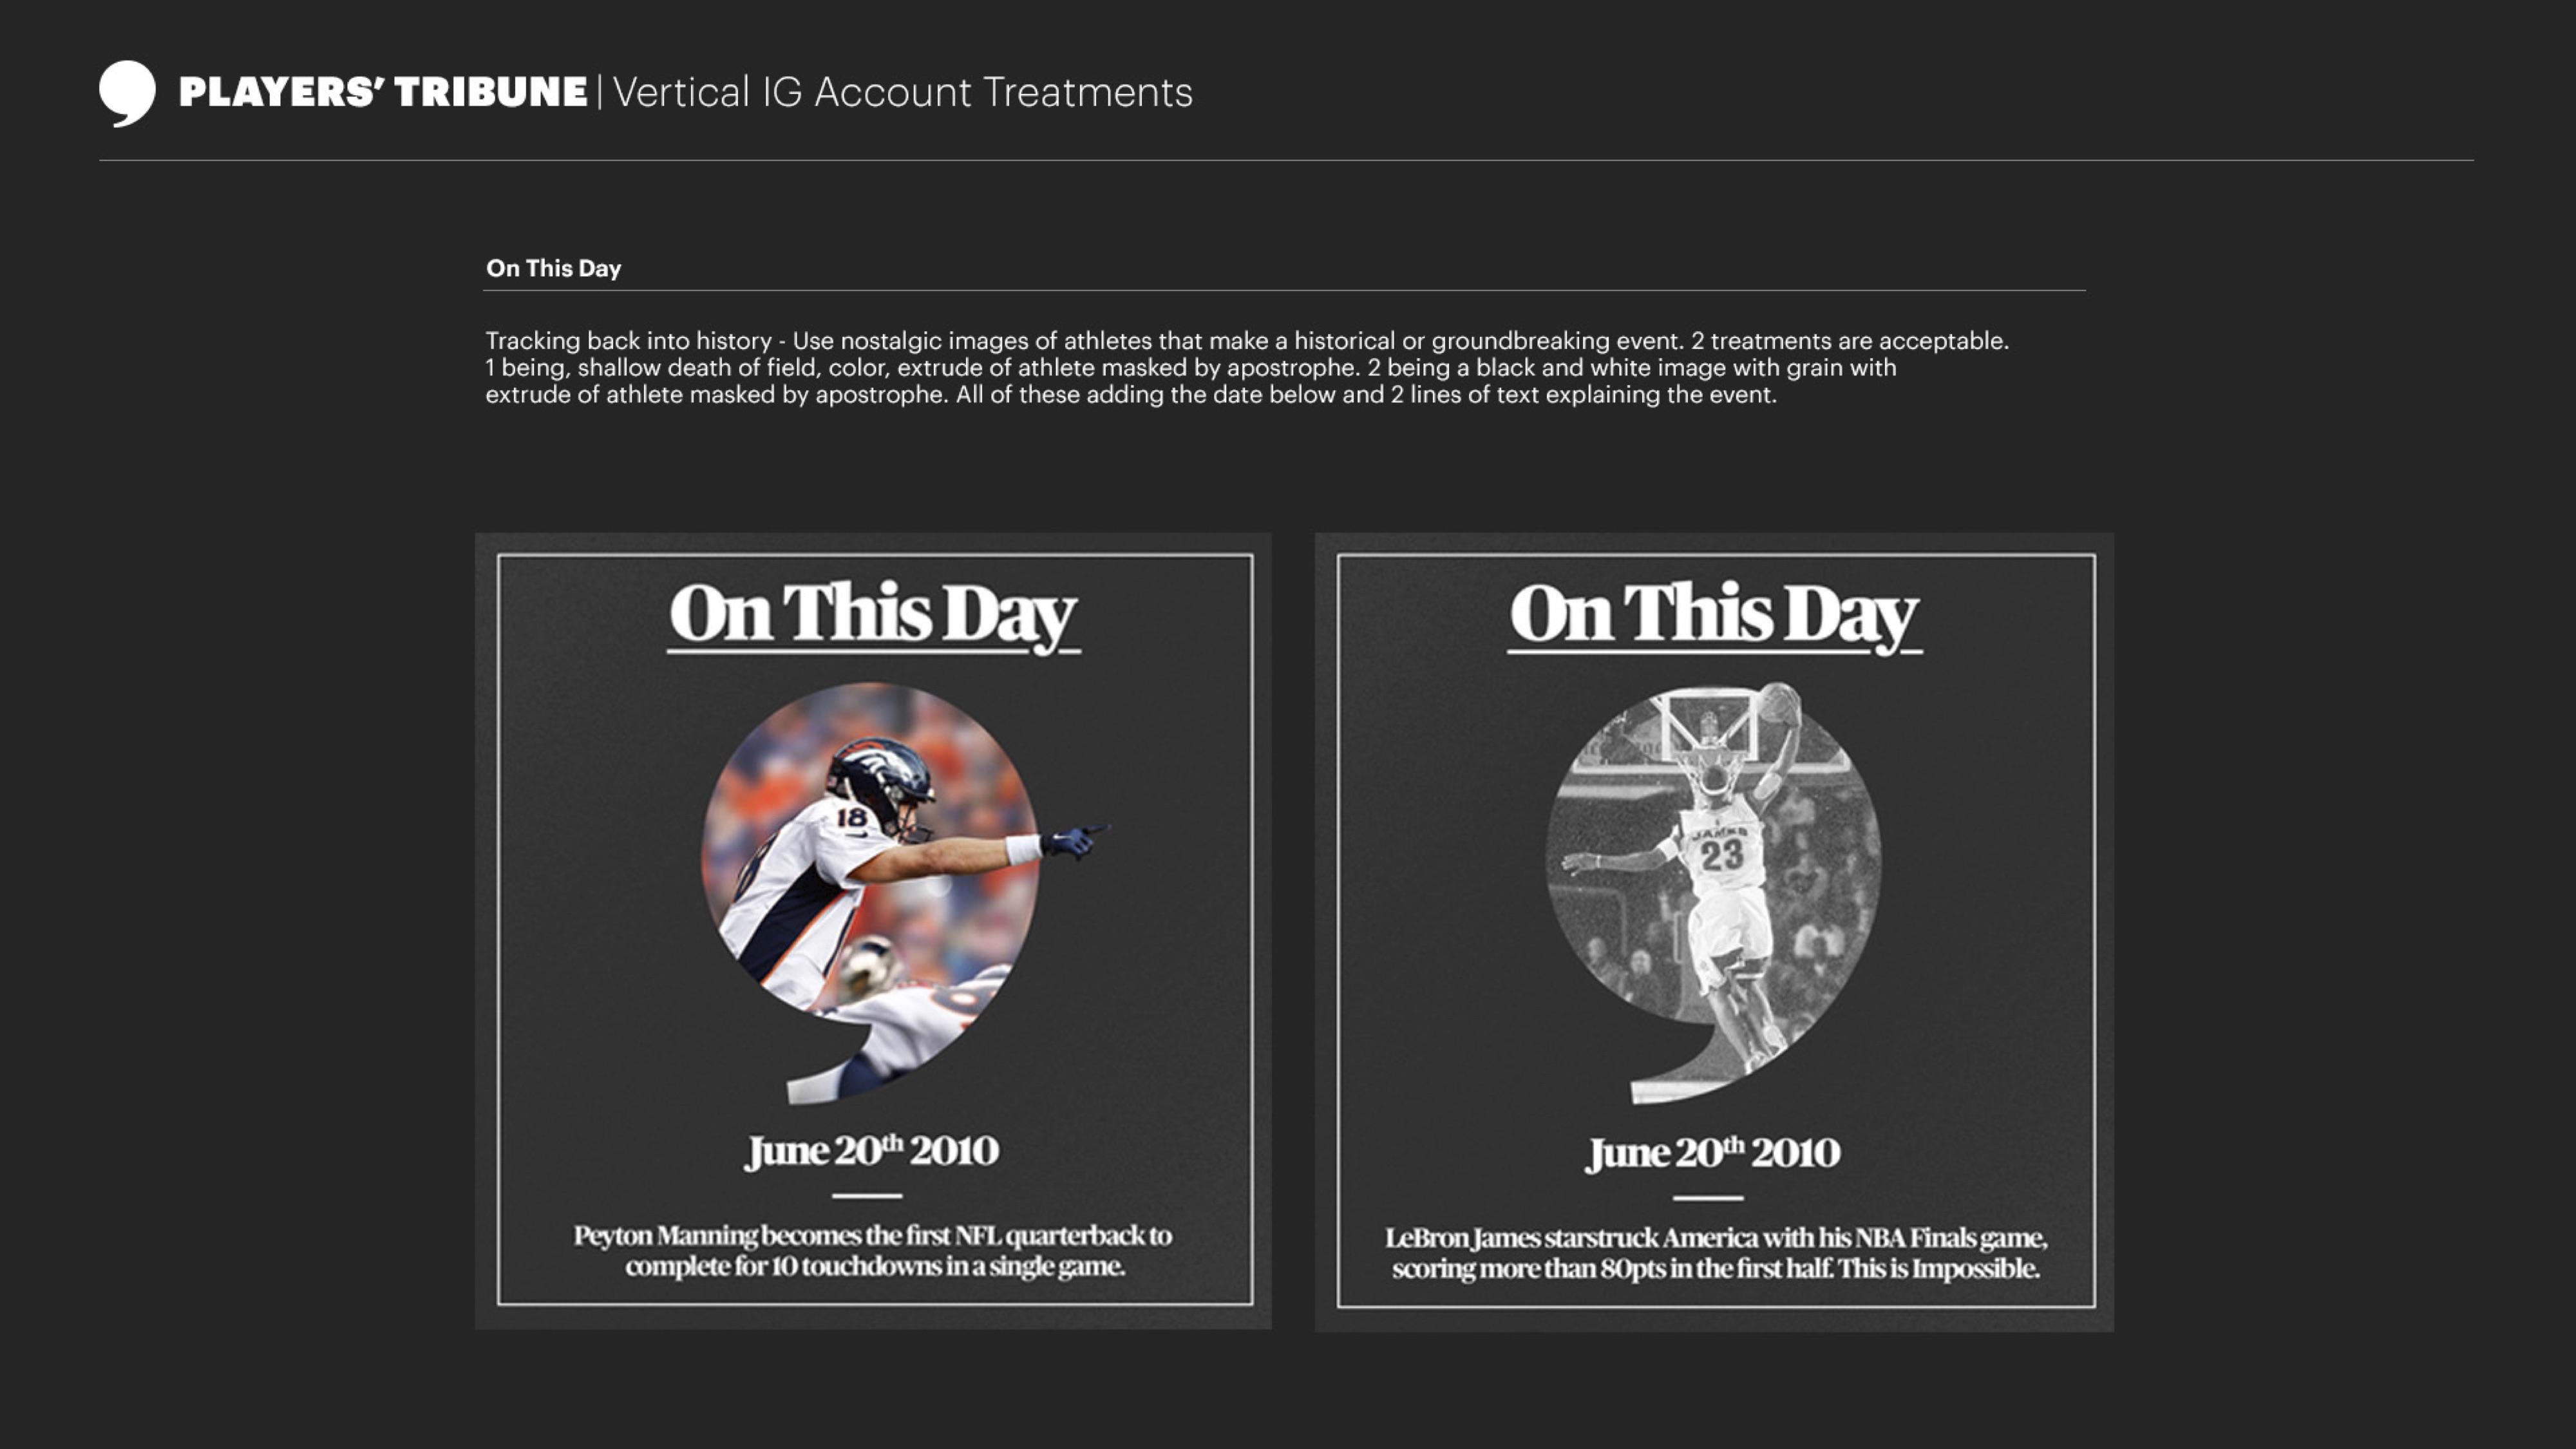 IG Vertical Treatments_7